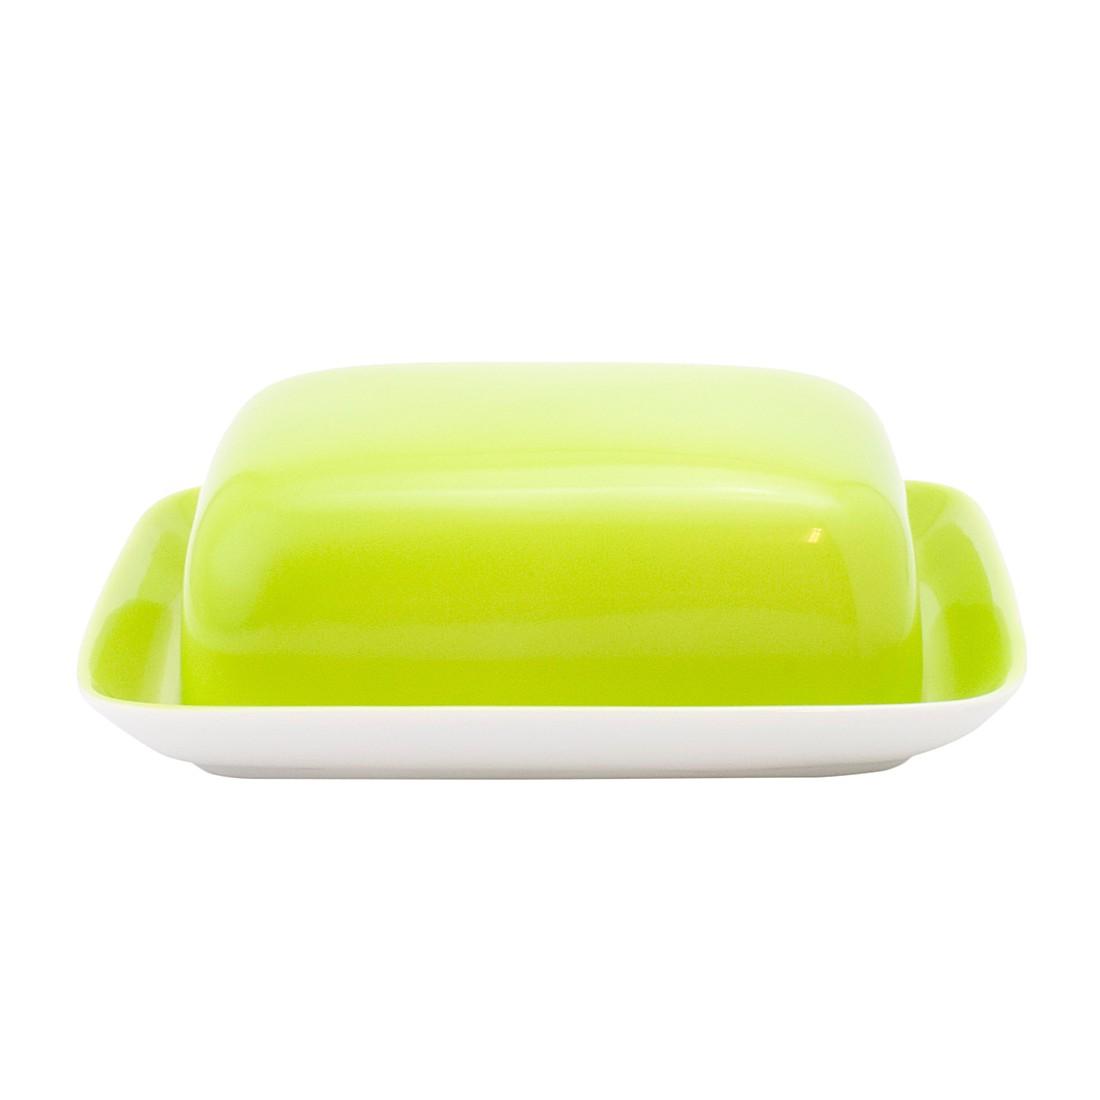 Butterdose Pronto – Limone, Kahla günstig online kaufen